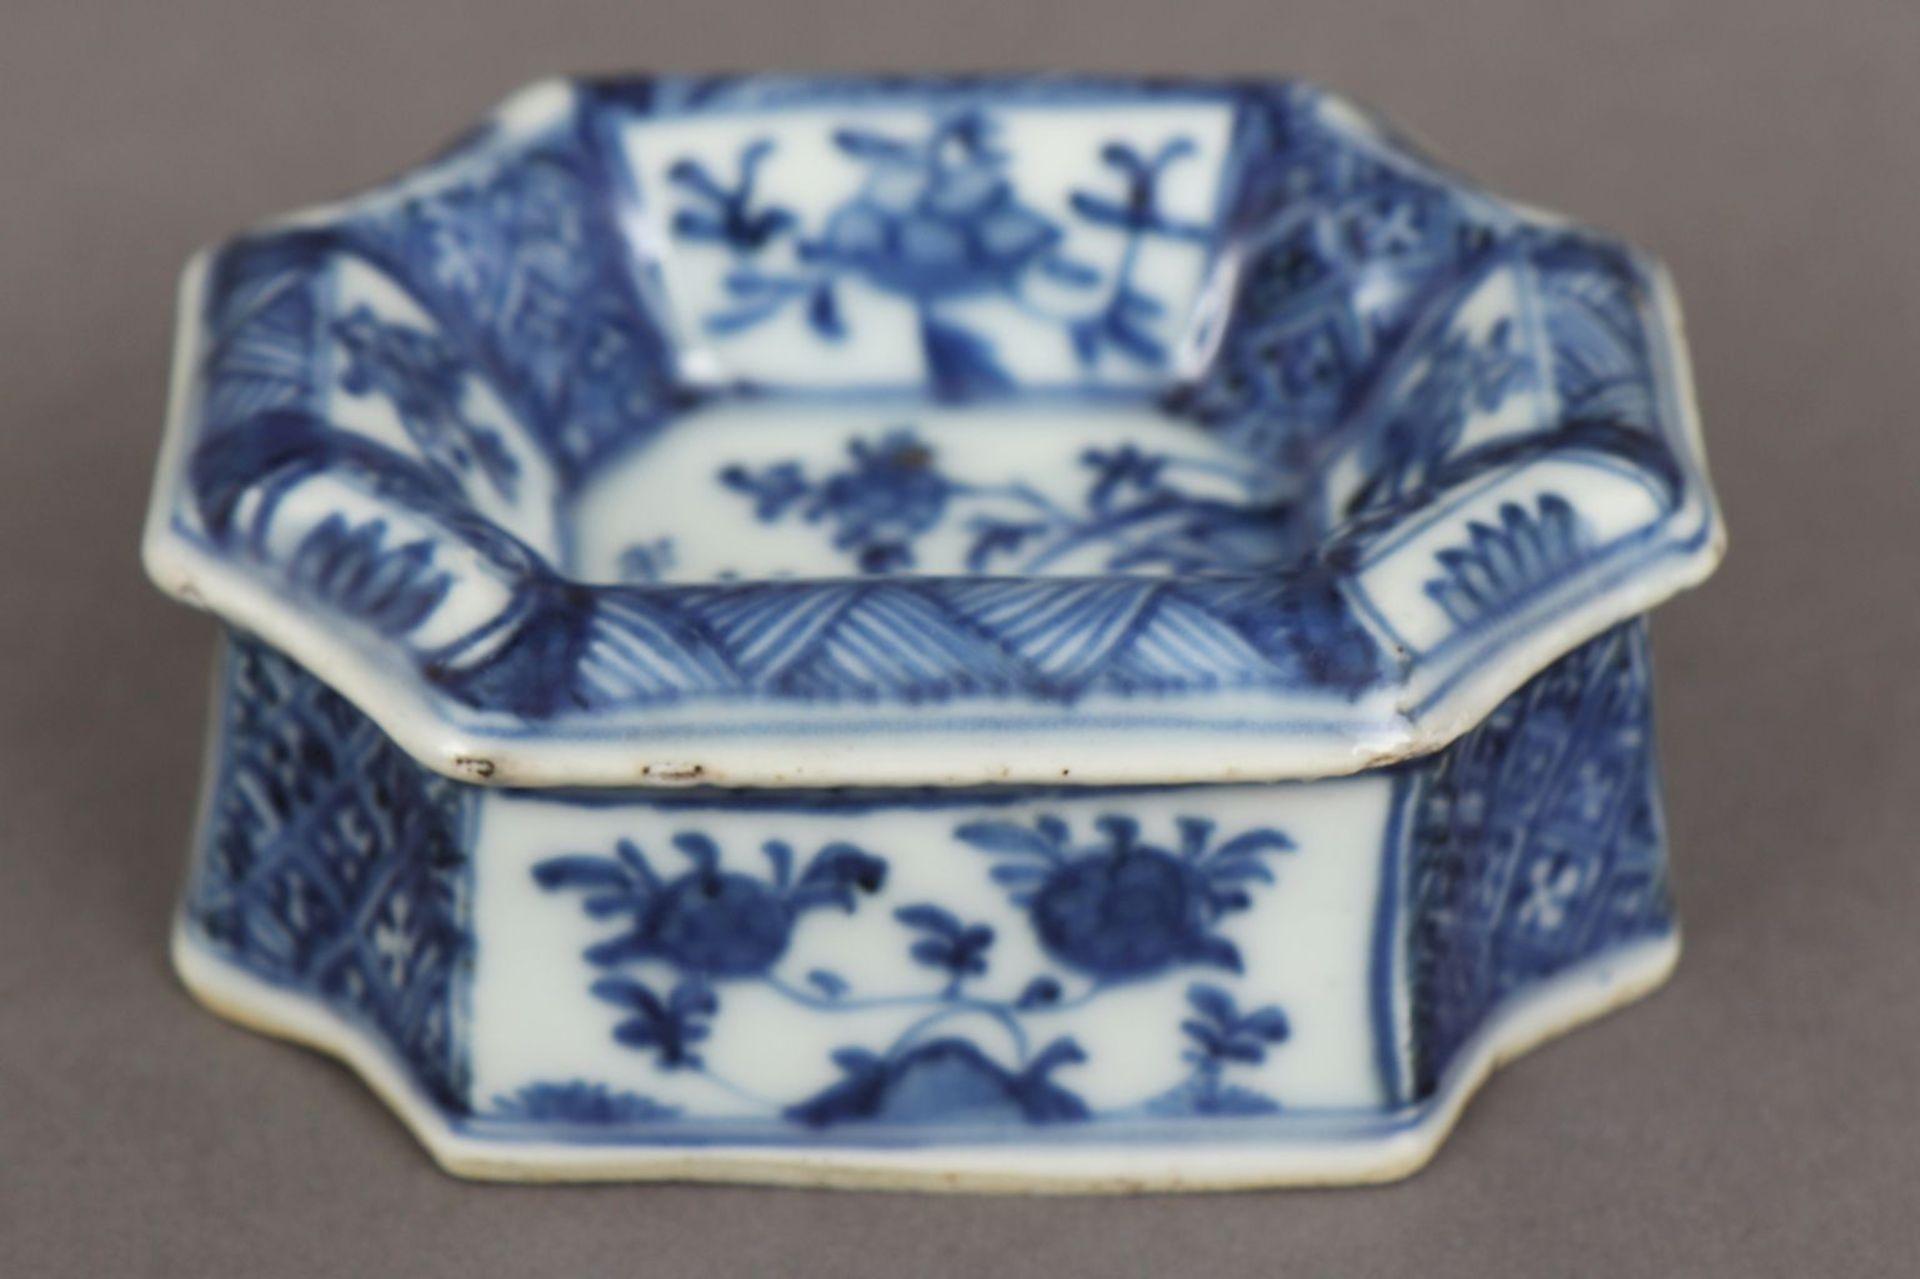 2 chinesische Porzellane mit Blaumalerei - Bild 5 aus 7